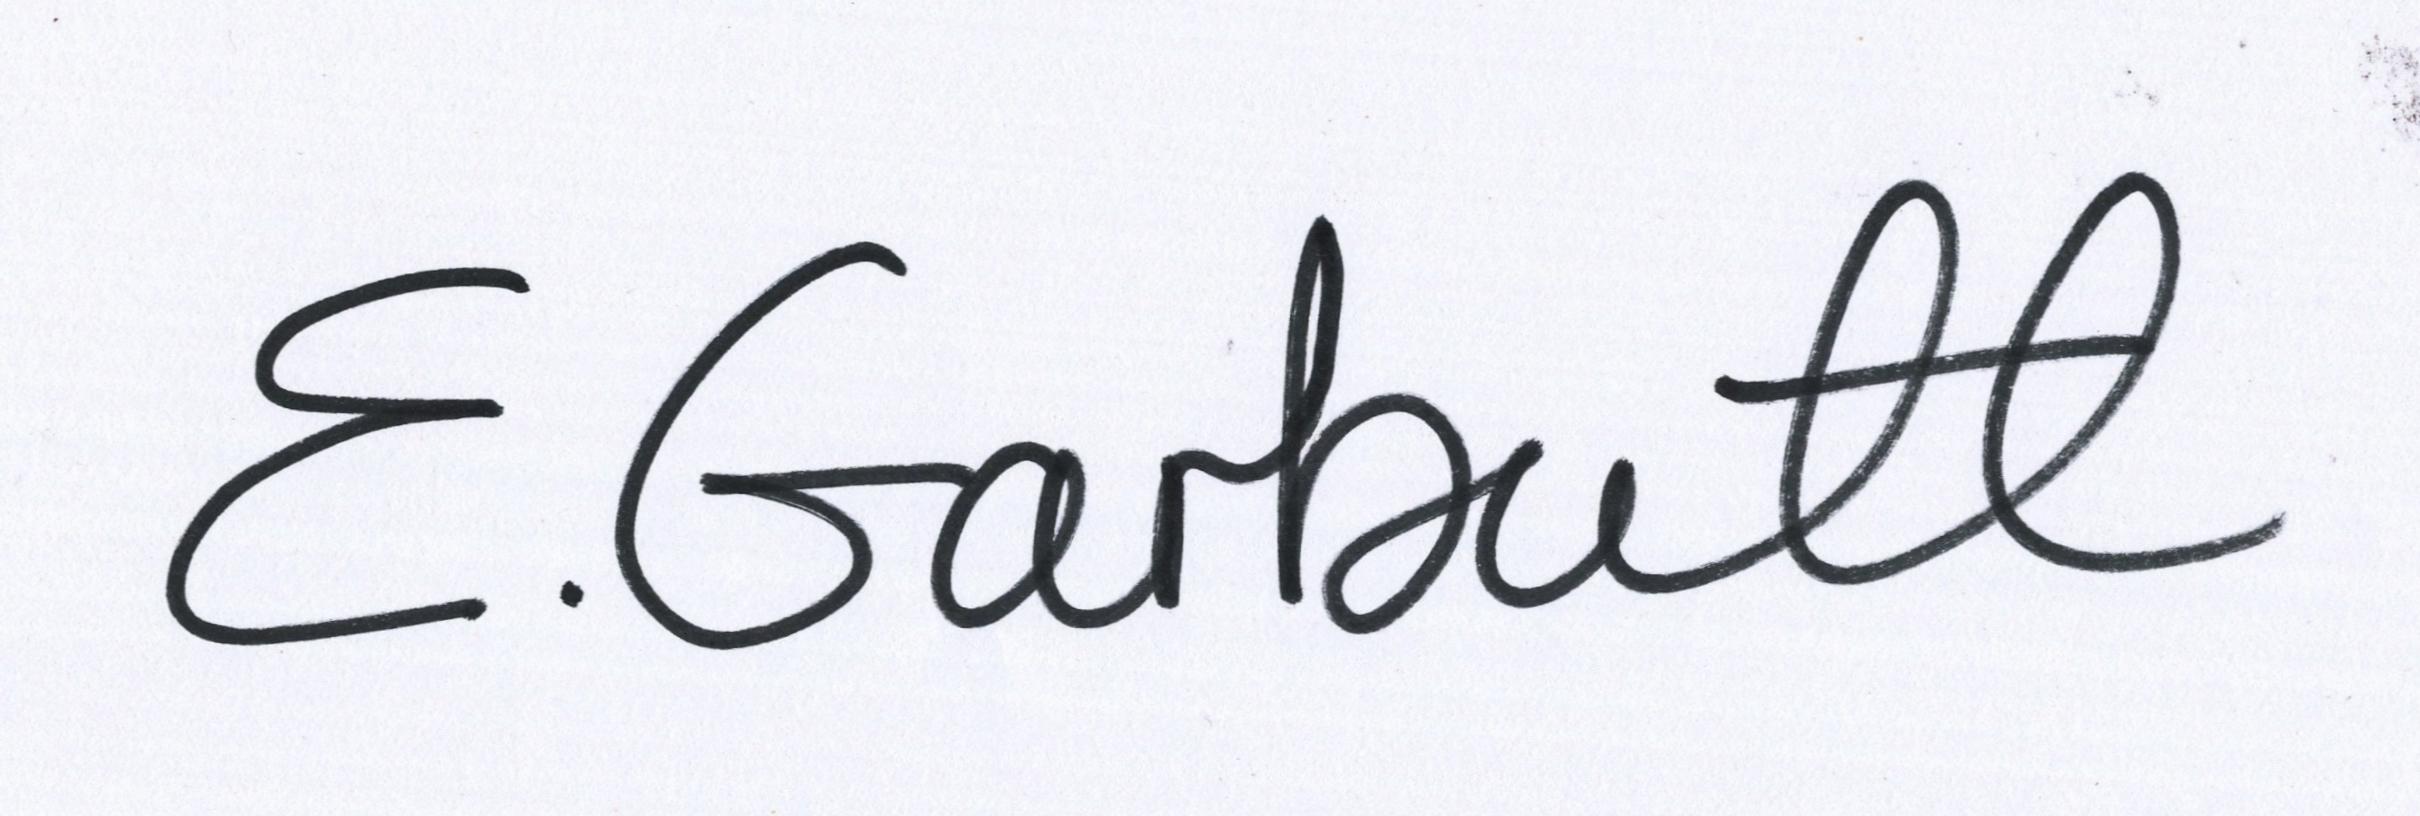 eryka garbutt Signature